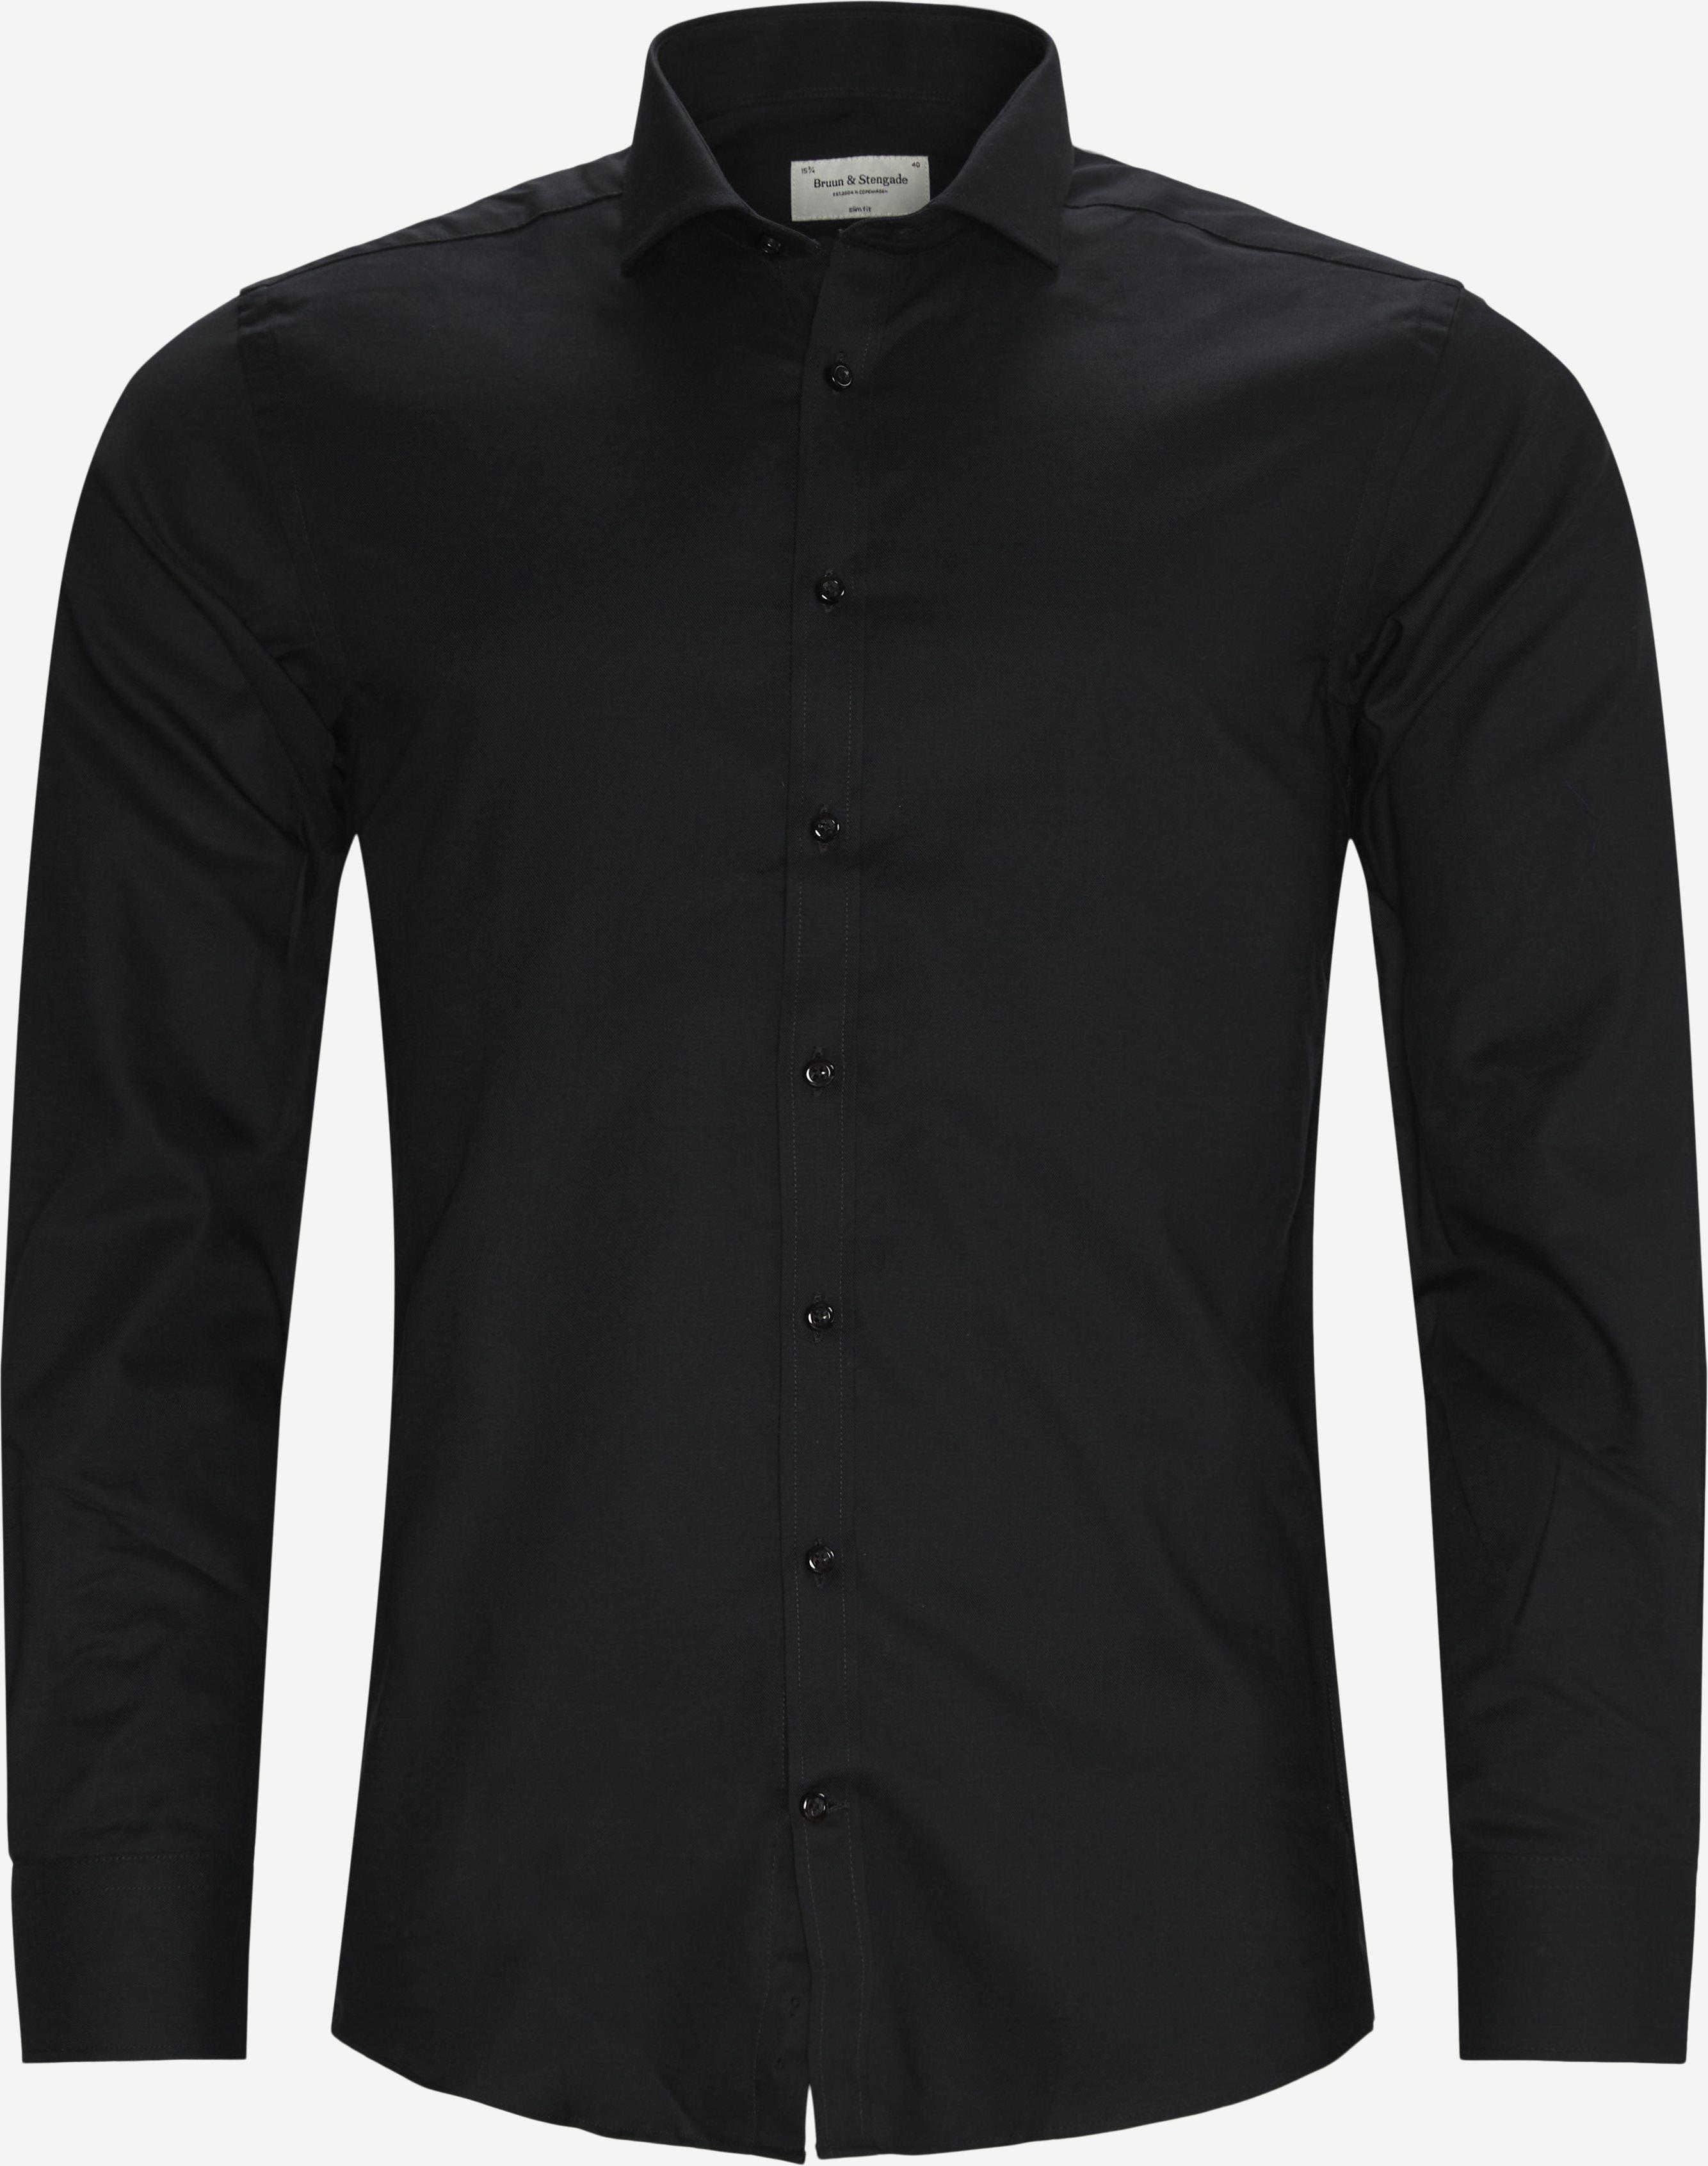 Hemden - Slim fit - Schwarz